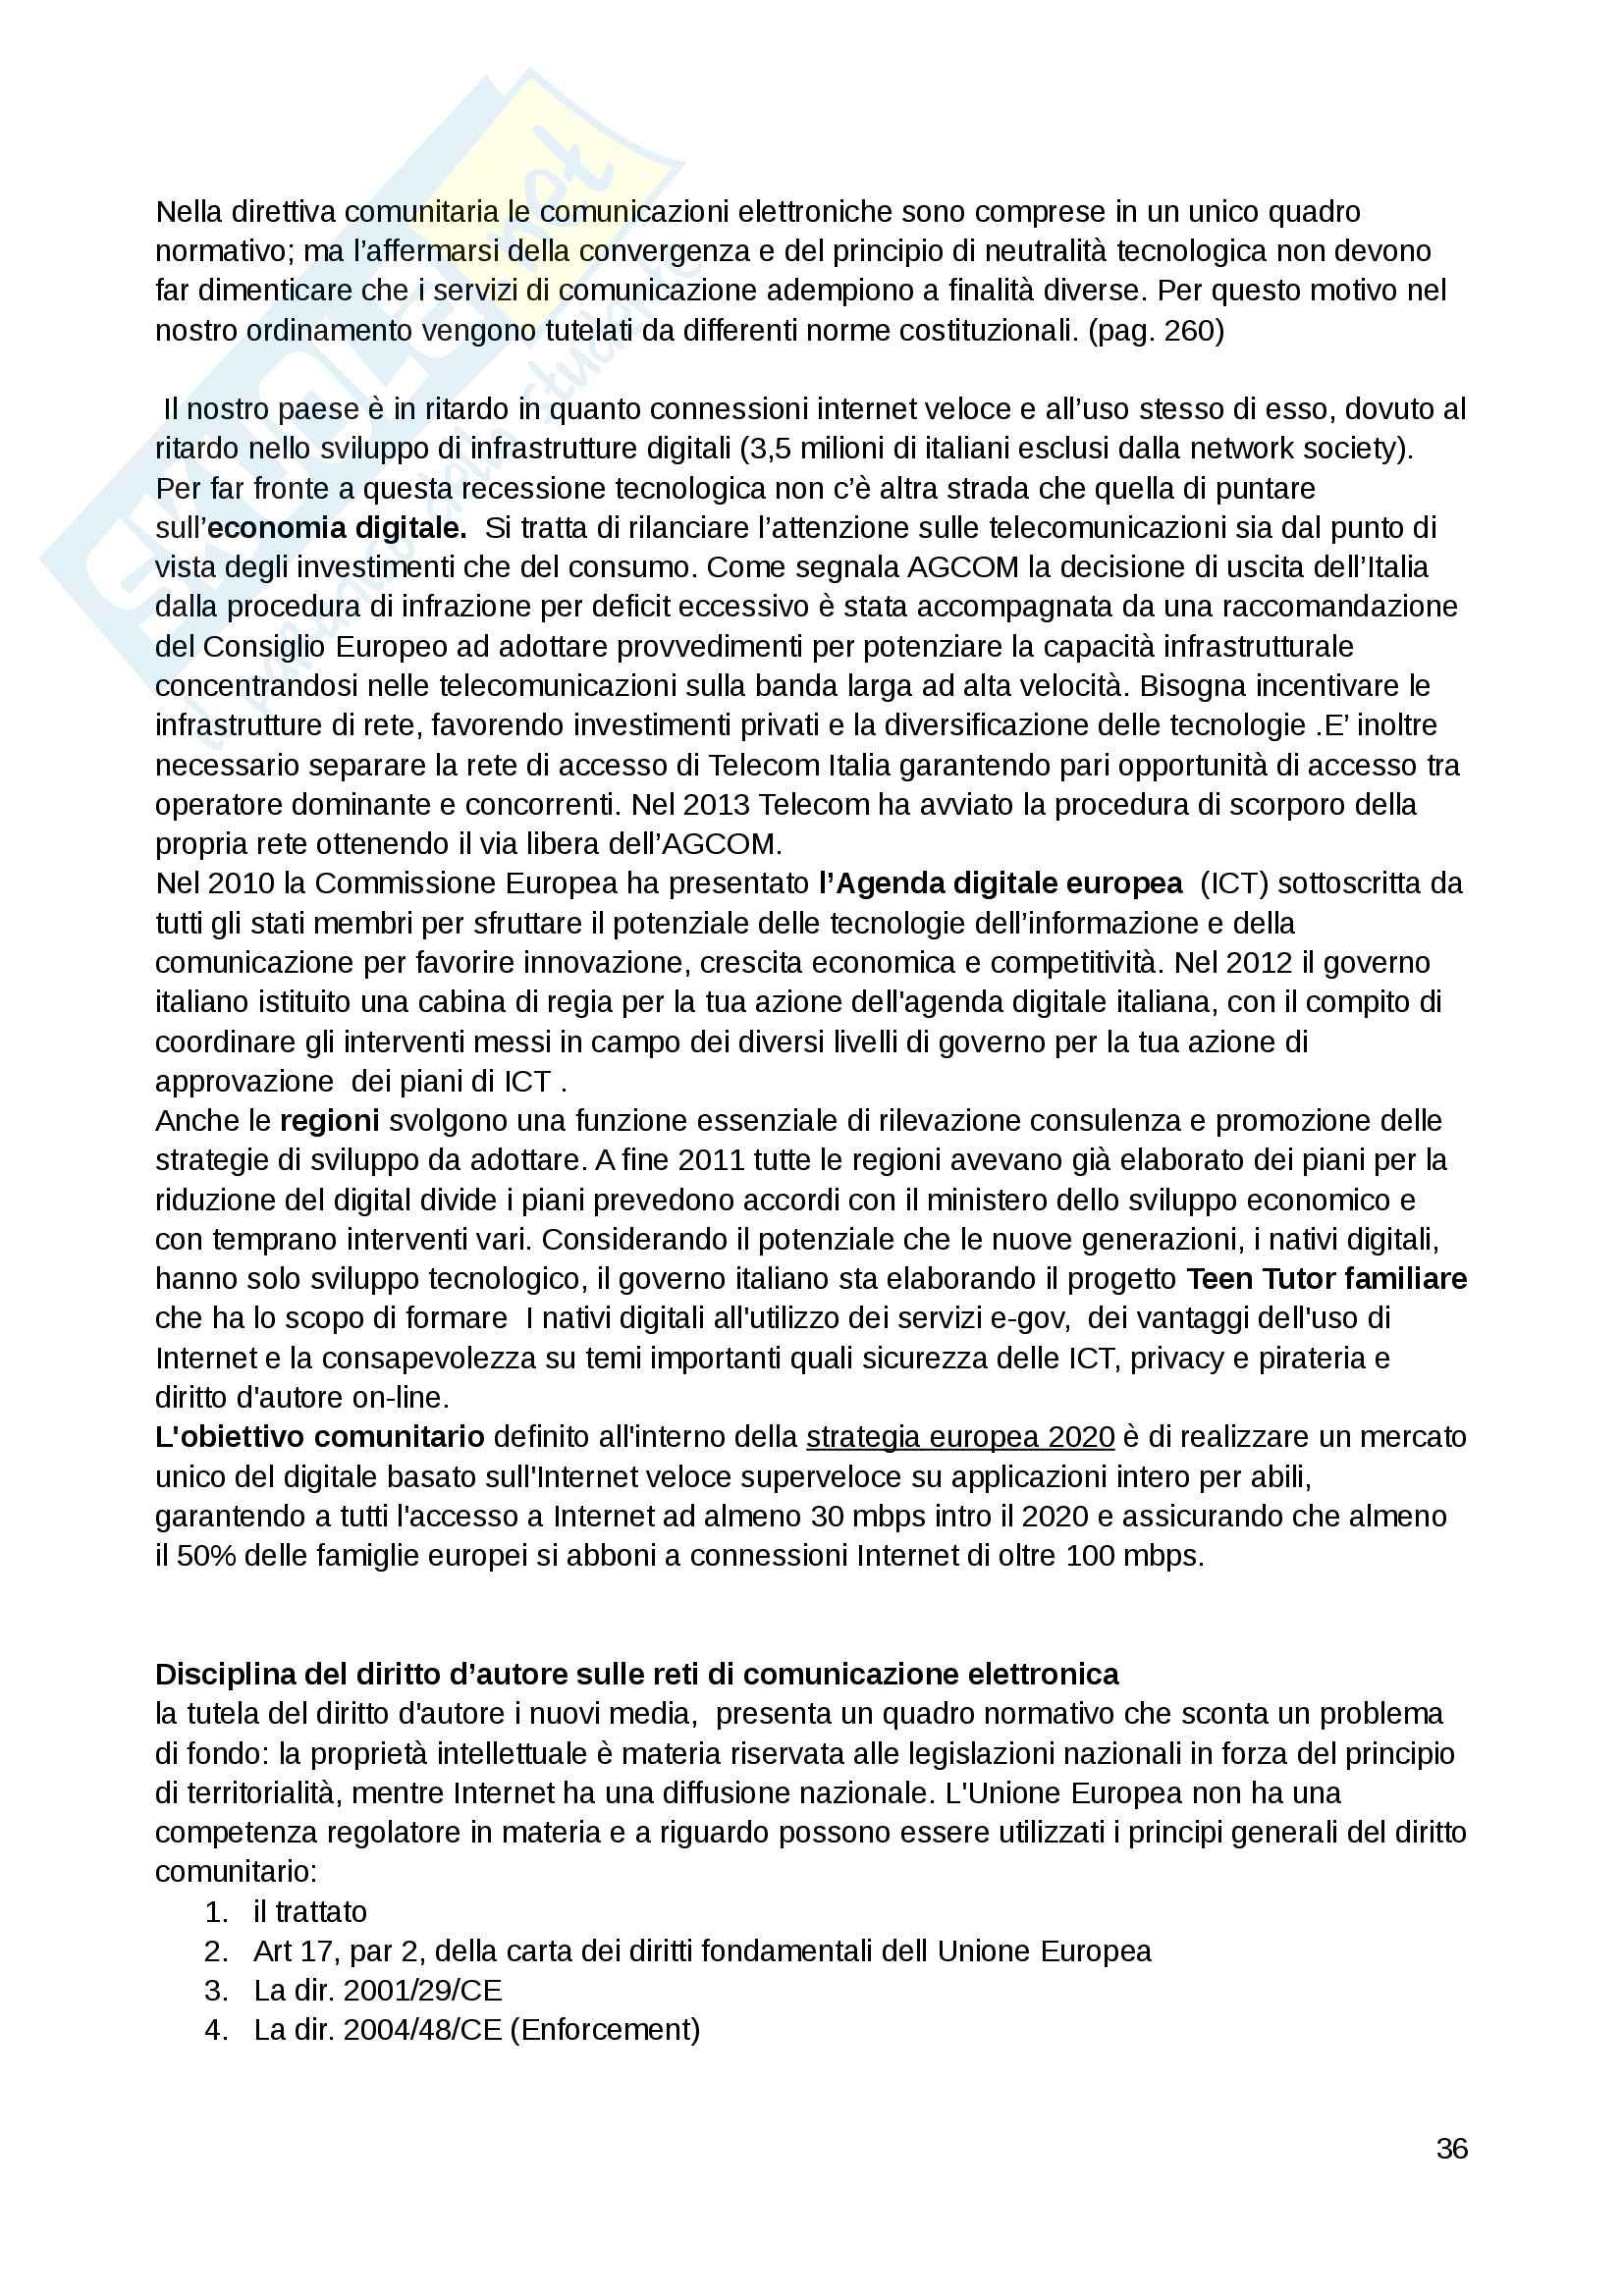 Sunto esame Diritto dei media e dello spettacolo, libro consigliato Le regole dell informazione, Prof. Donati Pag. 36